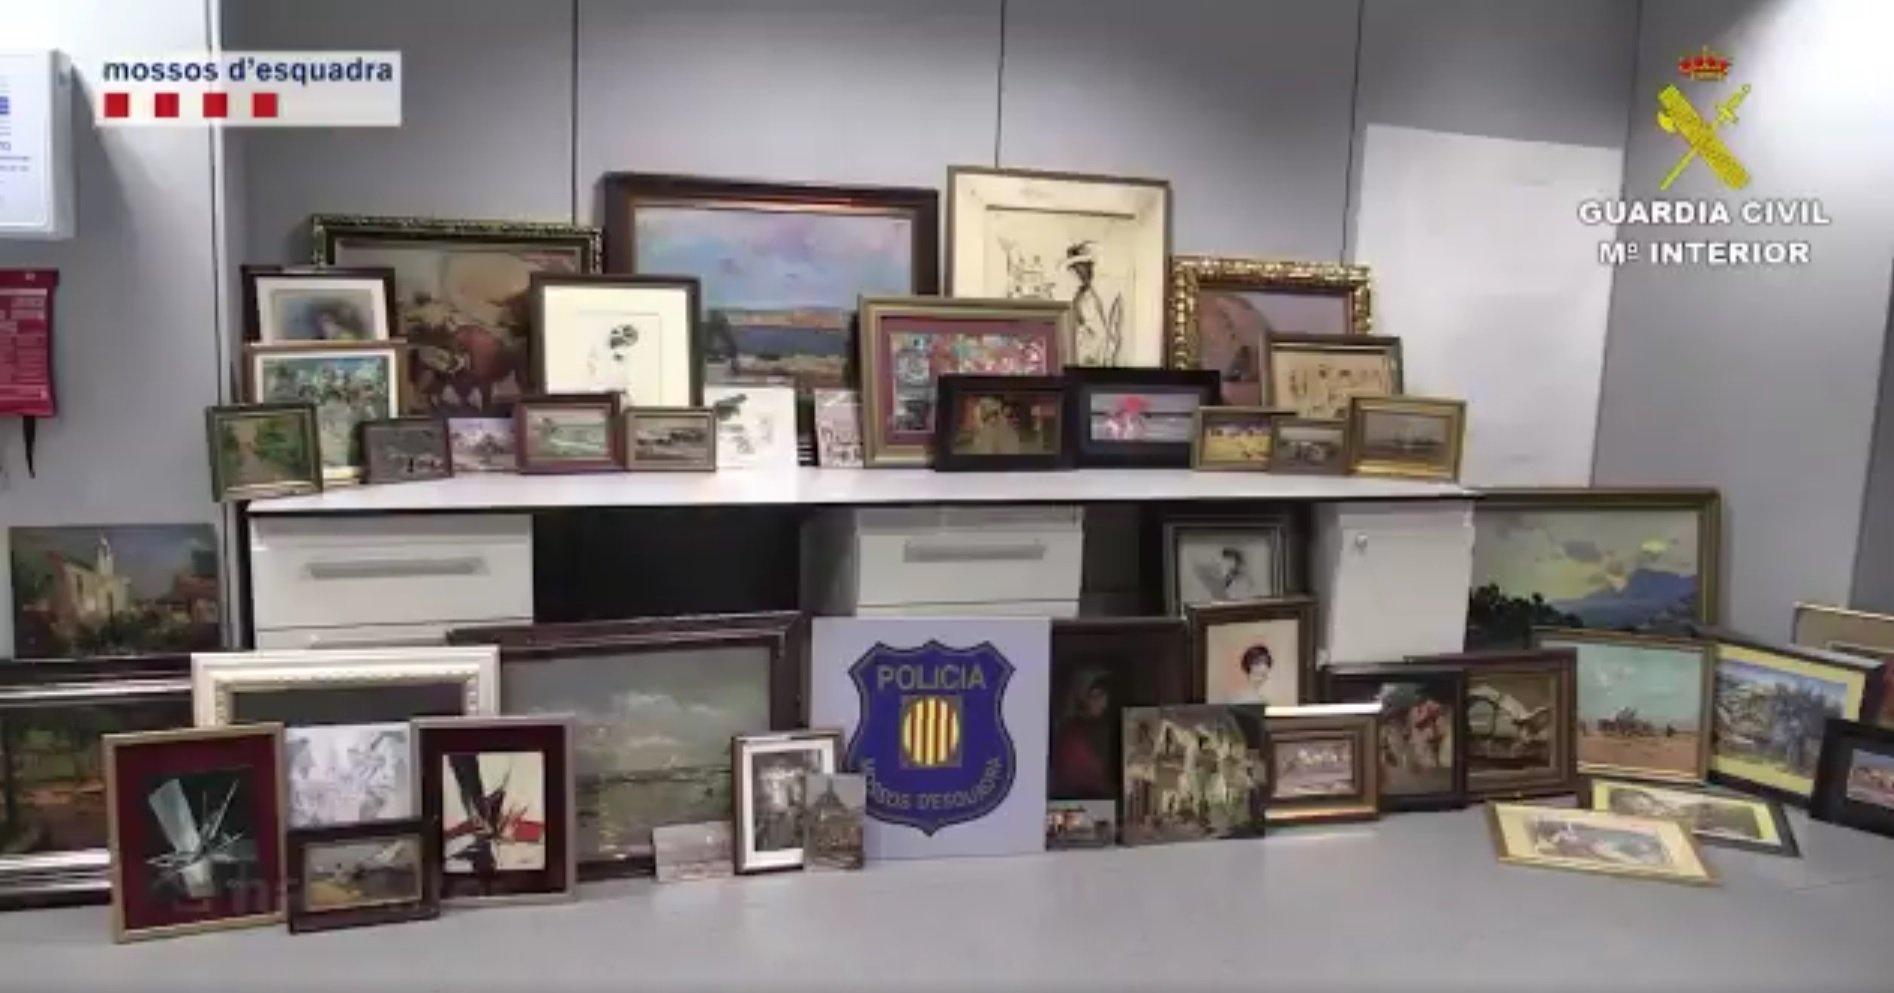 quadres mossos